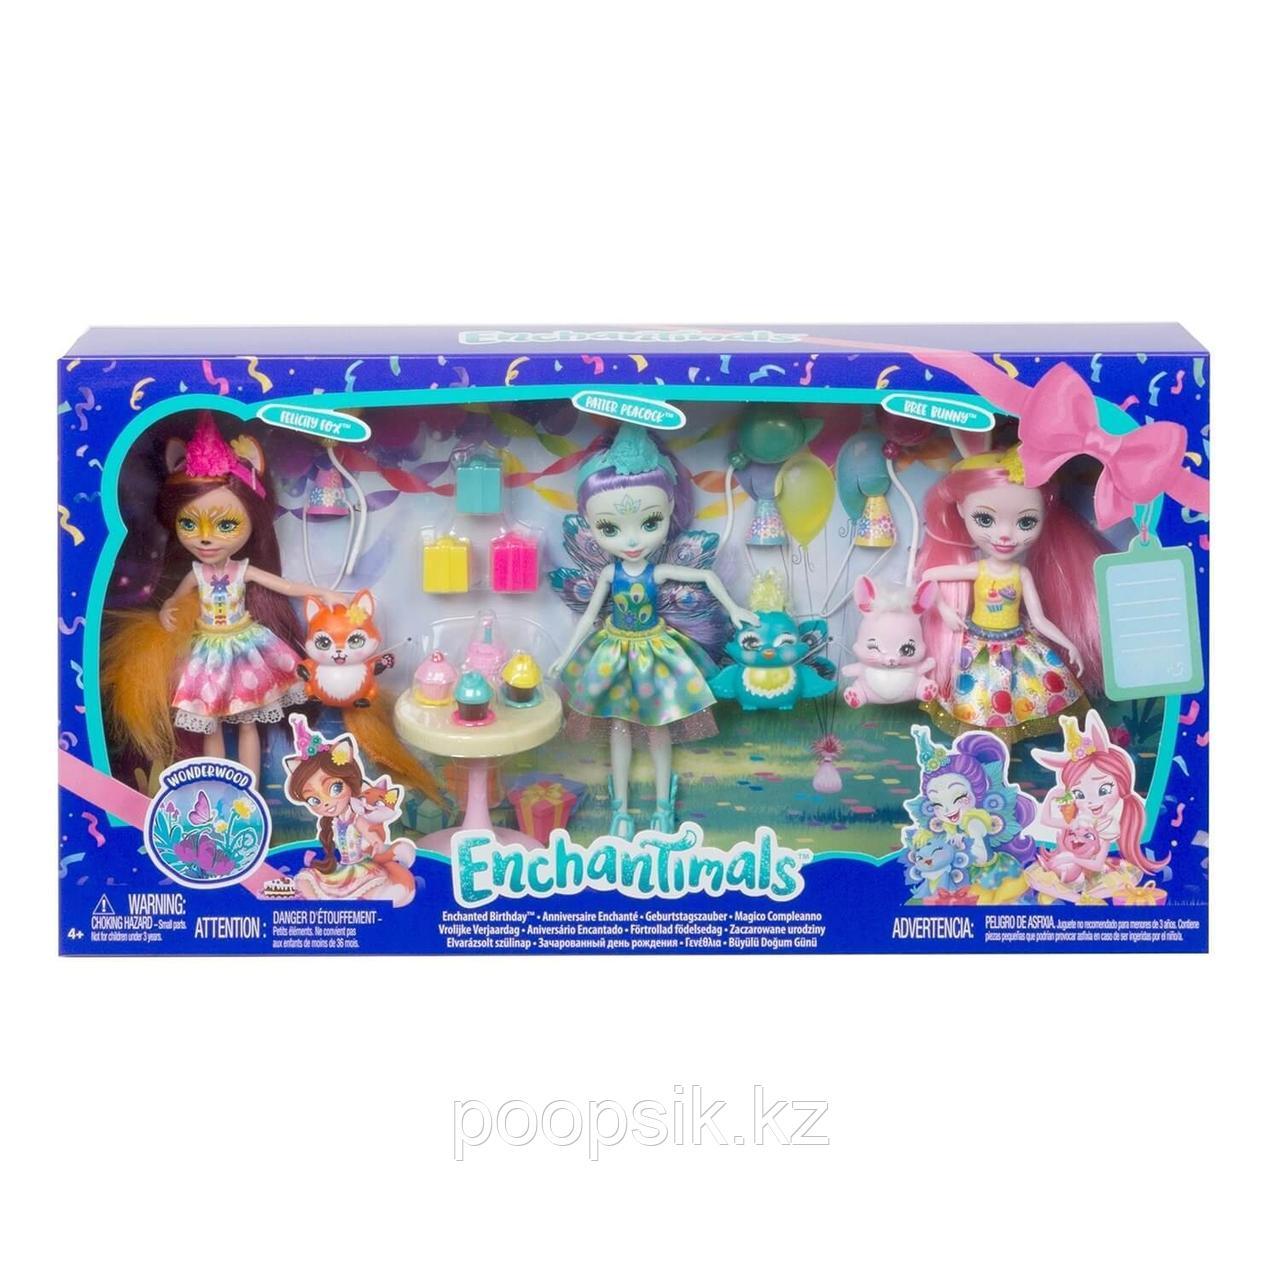 Enchantimals День рождения набор из трех кукол и их питомцев GJX22 - фото 3